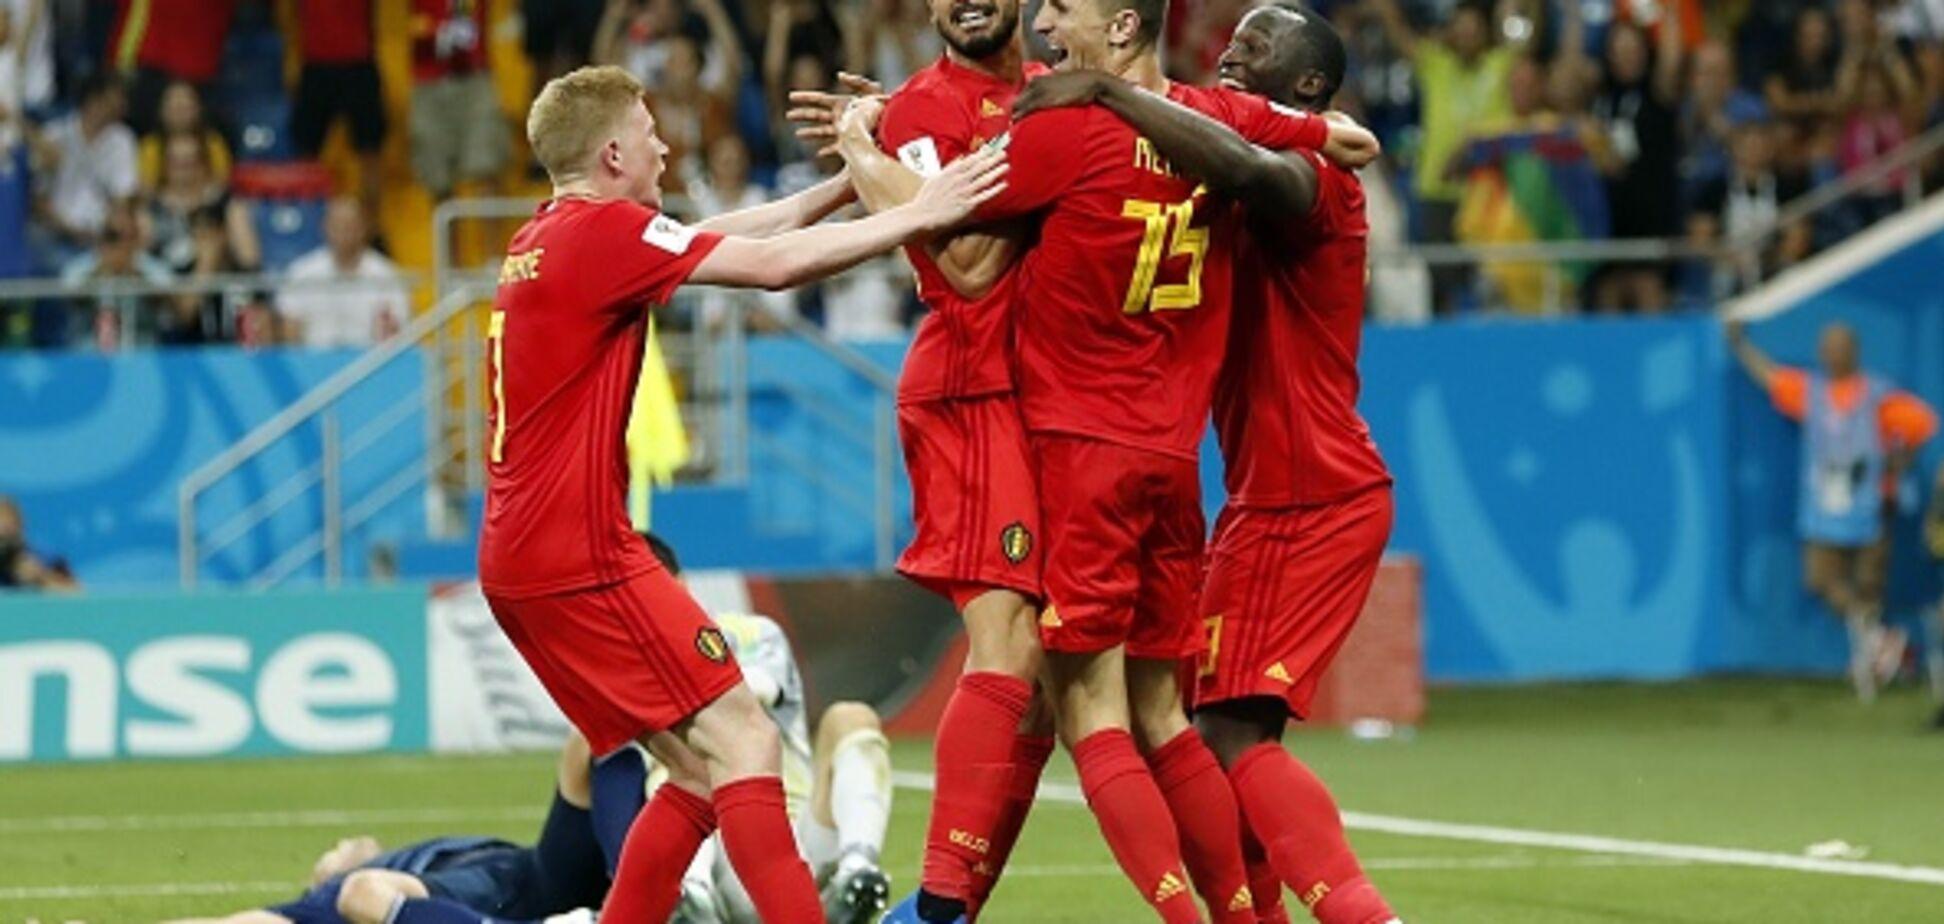 ЧС-2018: збірна Бельгії повторила історичне досягнення колишніх чемпіонатів світу